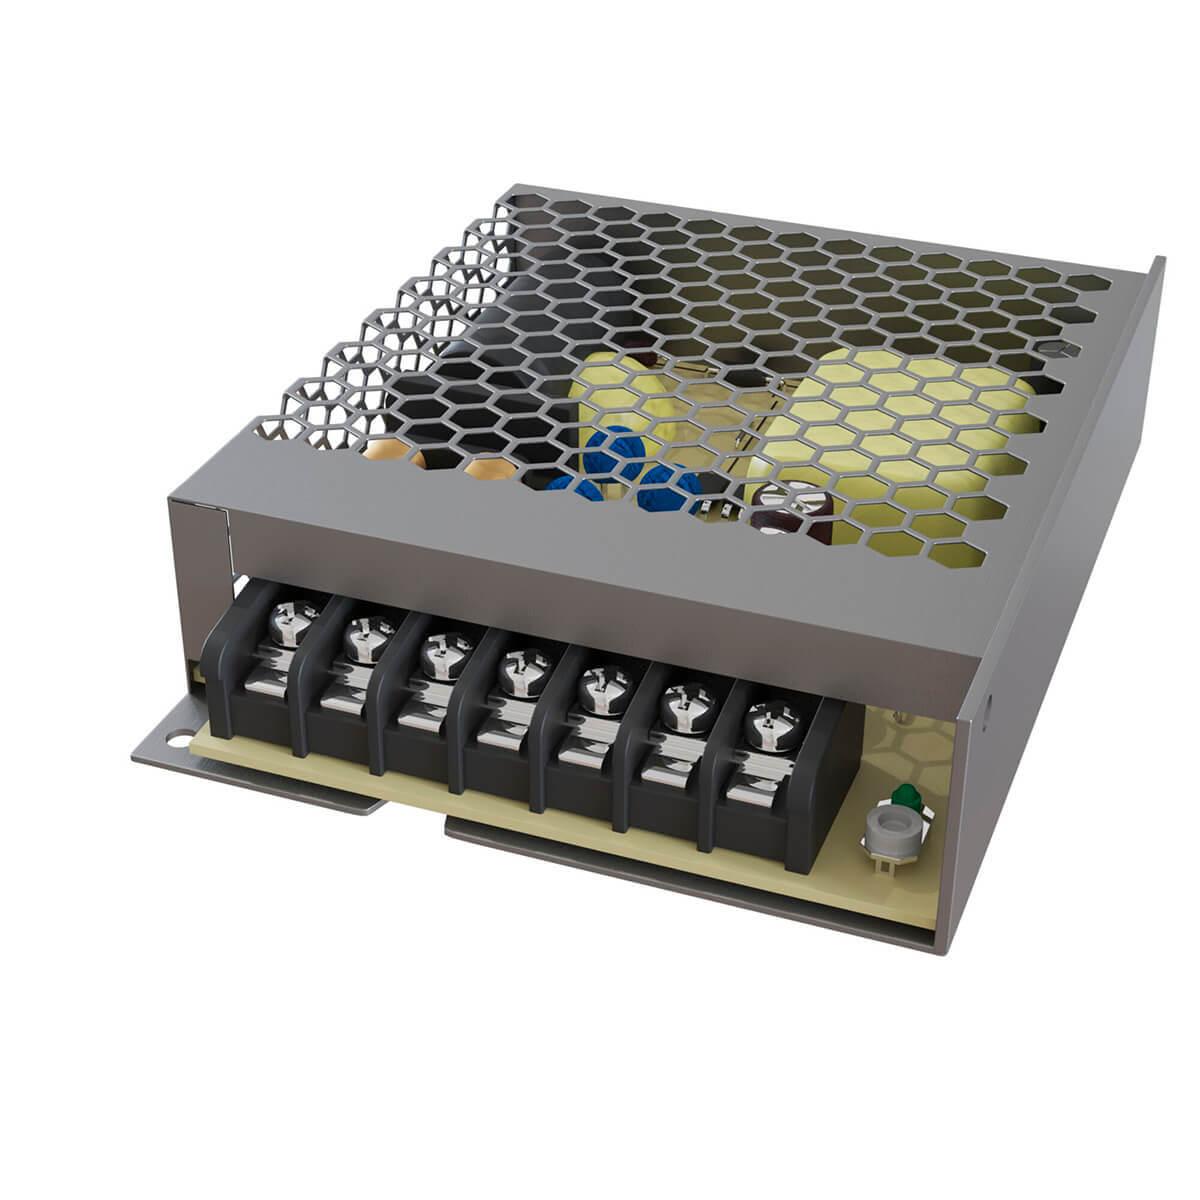 цена на Блок питания Maytoni TRX004DR-100S Magnetic track